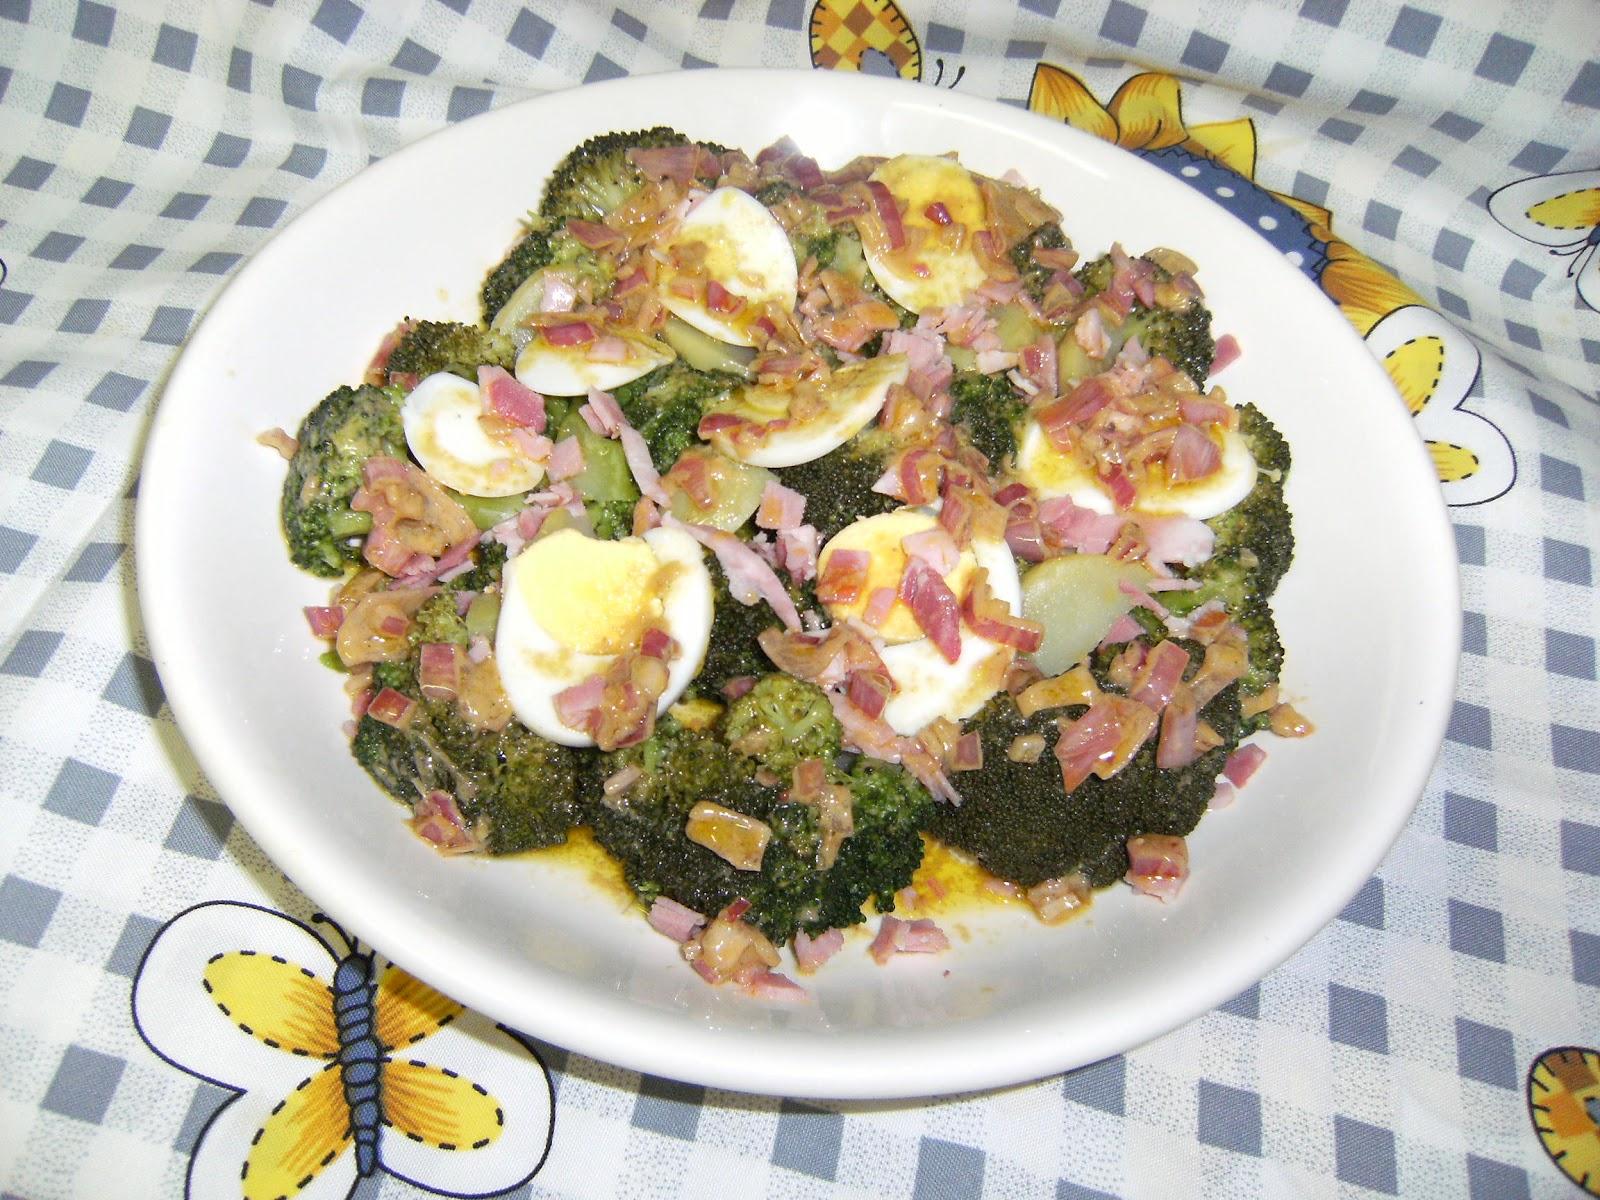 Les recettes chouettes de sissi brocolis avec ses oeufs durs en salade - Recette avec des oeufs durs ...